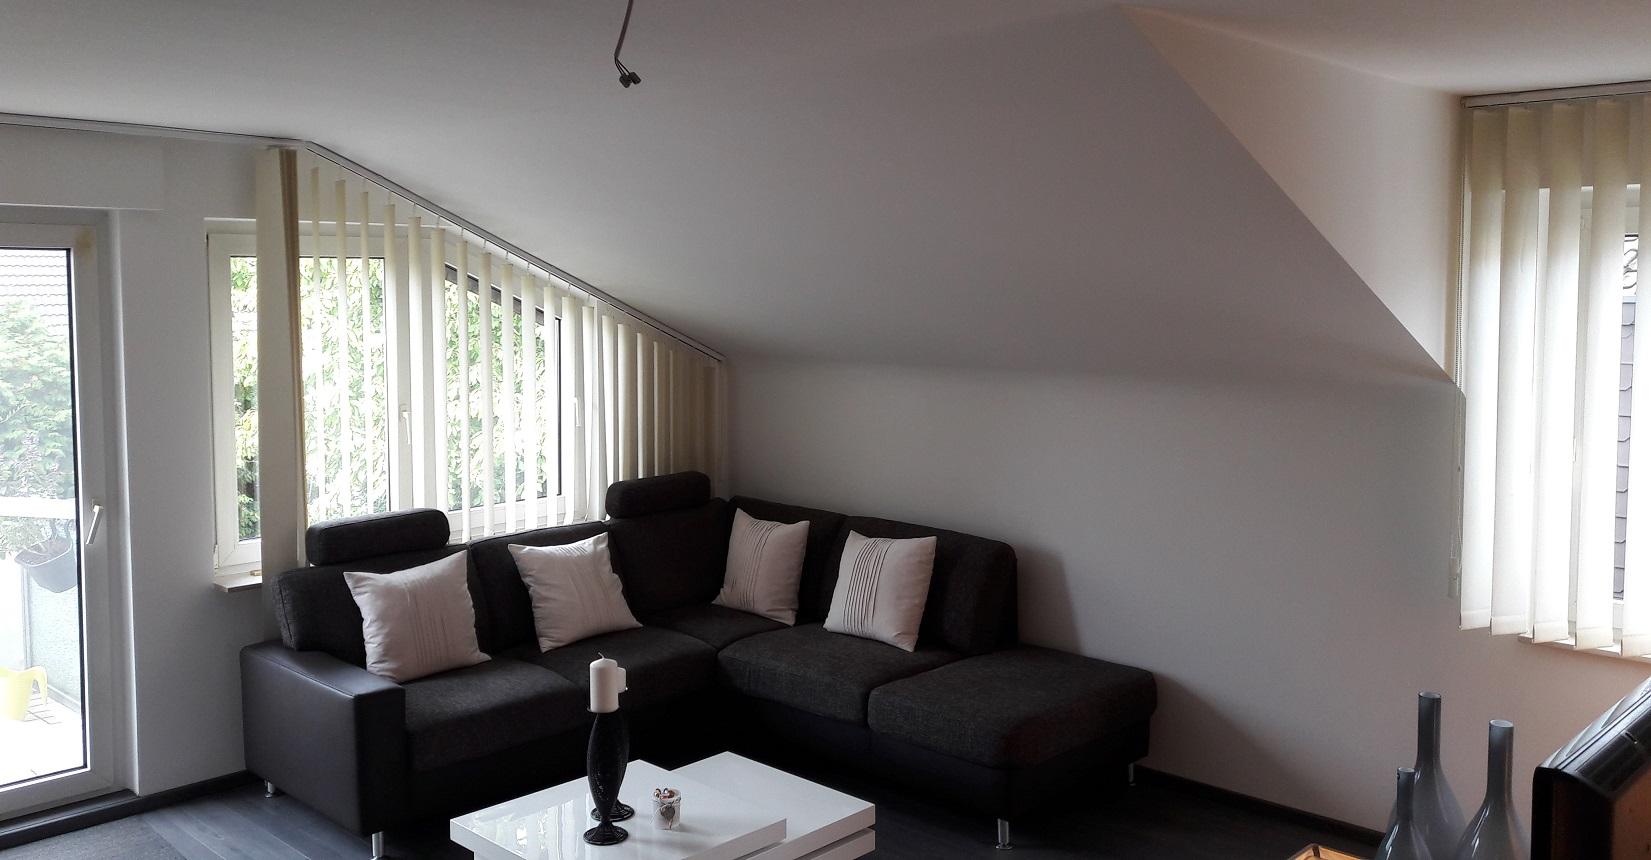 66.Wohnzimmergestaltung-nachher1